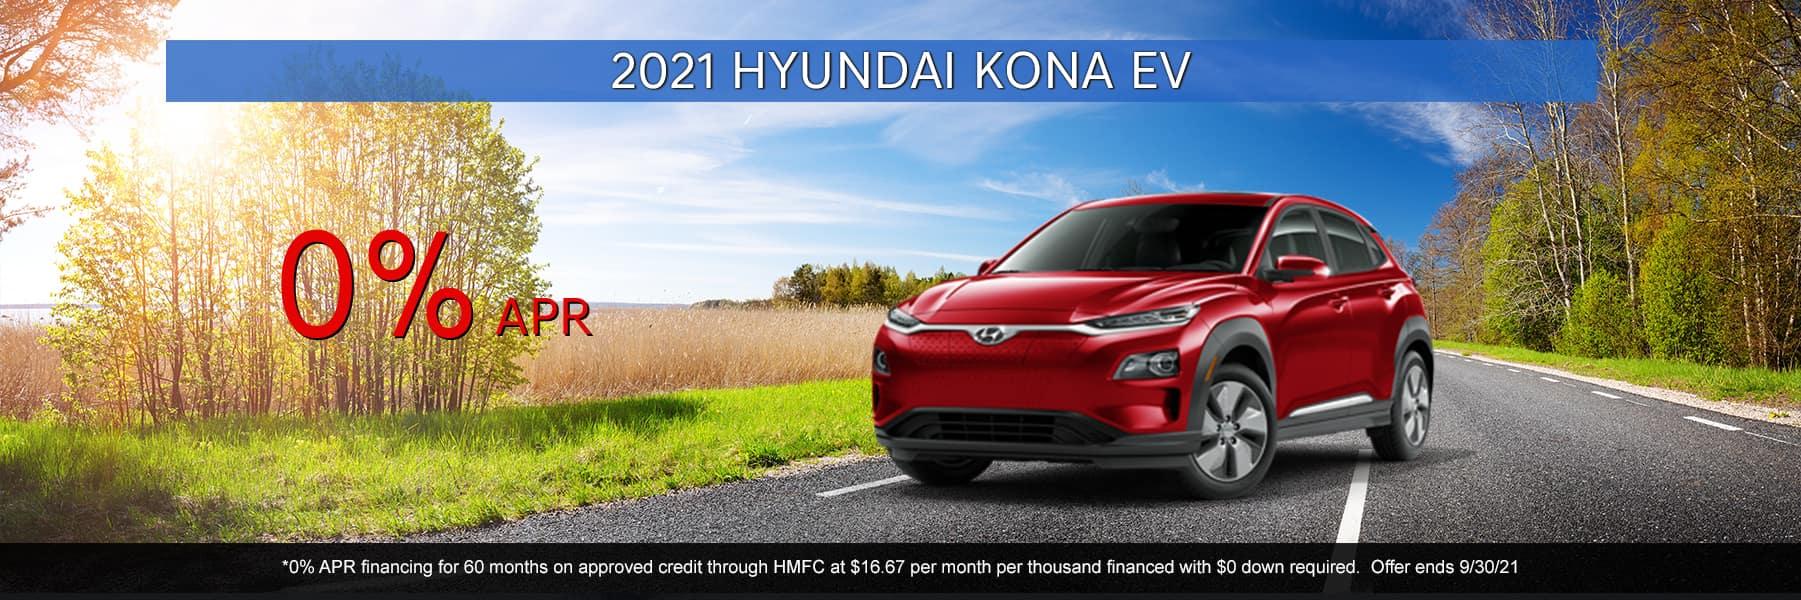 2021-Hyundai-Kona-EV-LTD-Sep21